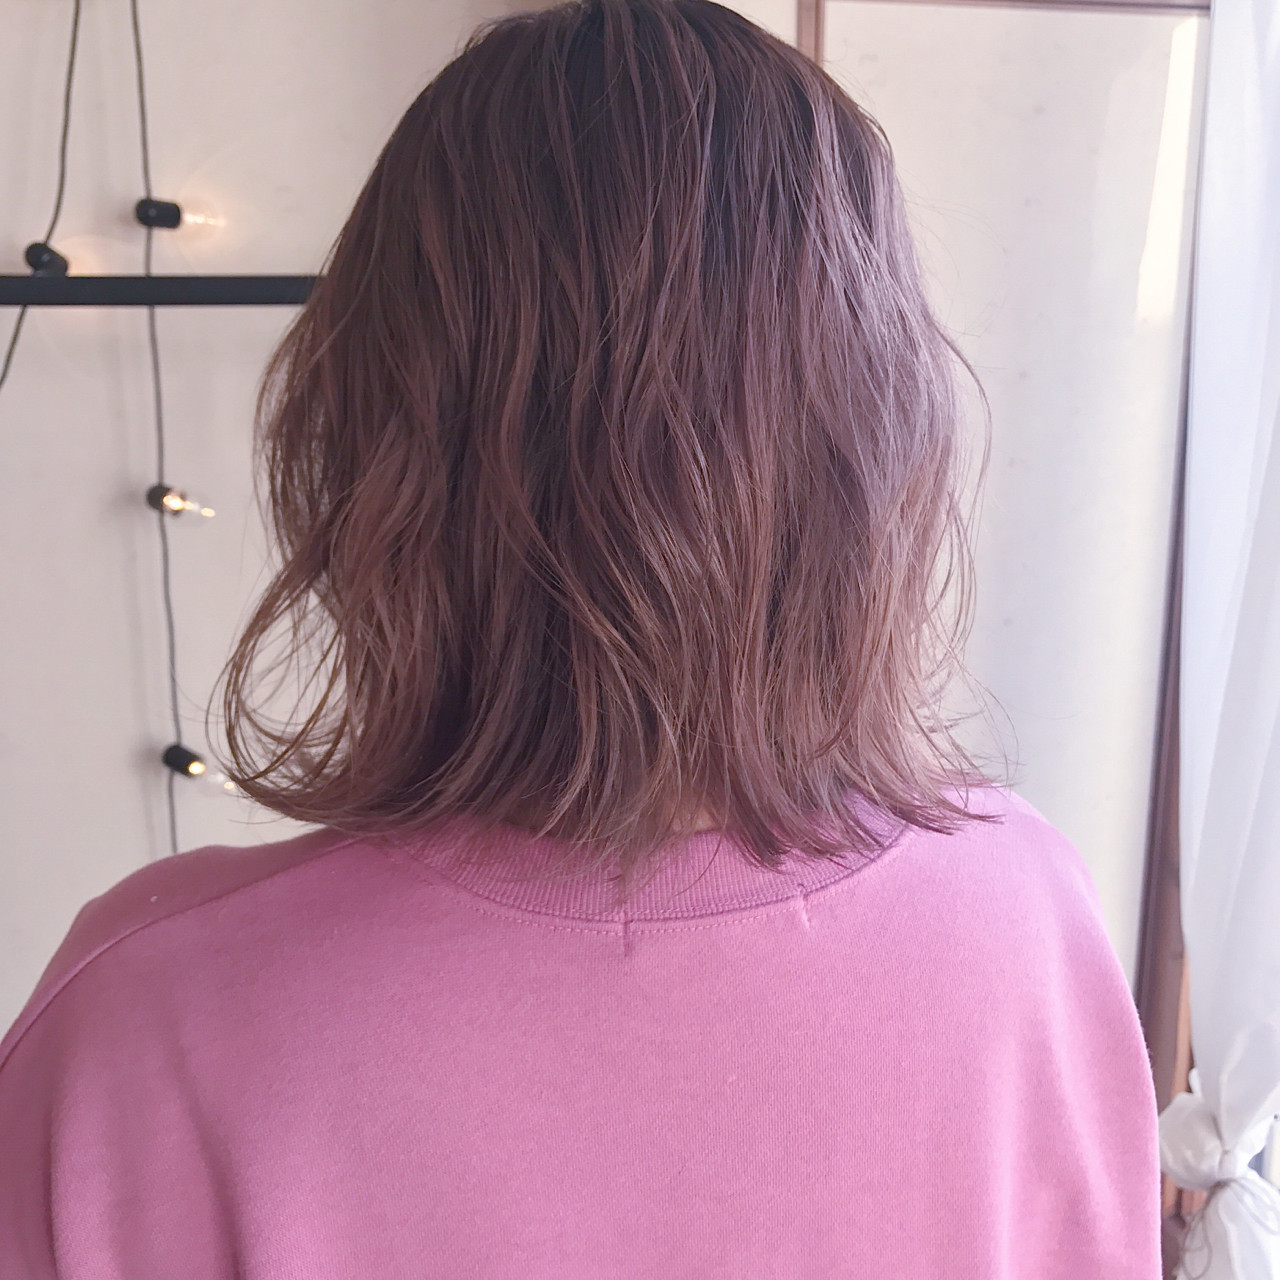 ストリート 前髪あり 切りっぱなし 抜け感 ヘアスタイルや髪型の写真・画像